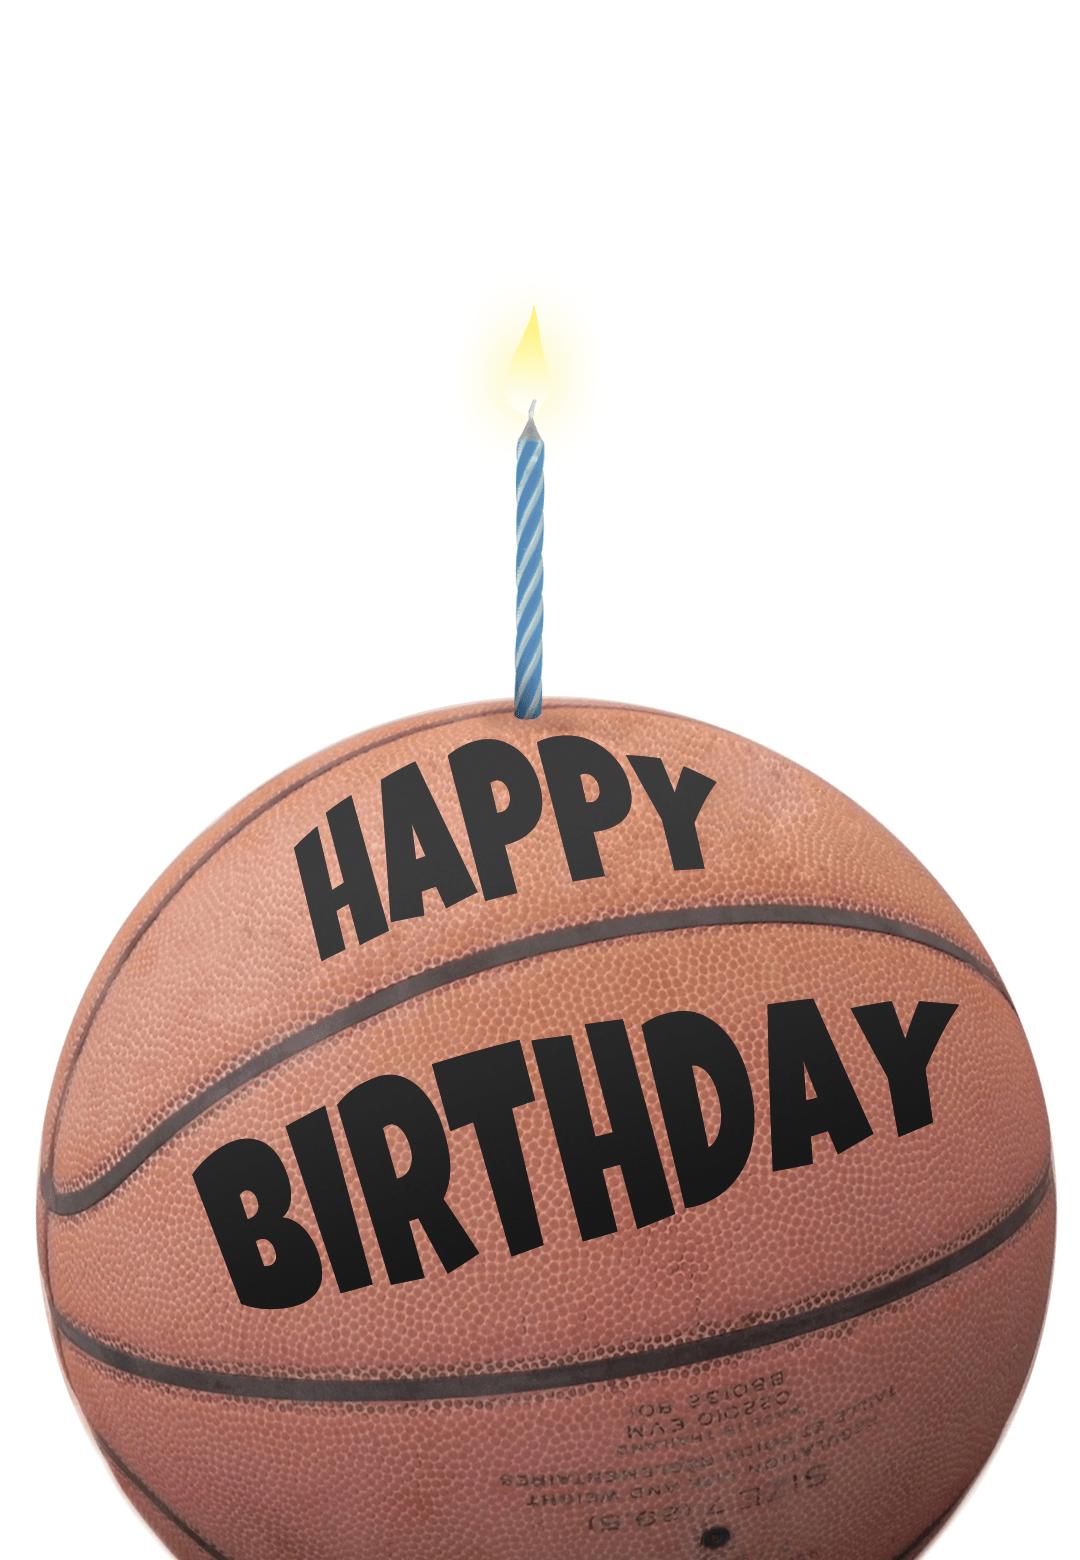 free printable birthday card basketball greetings island